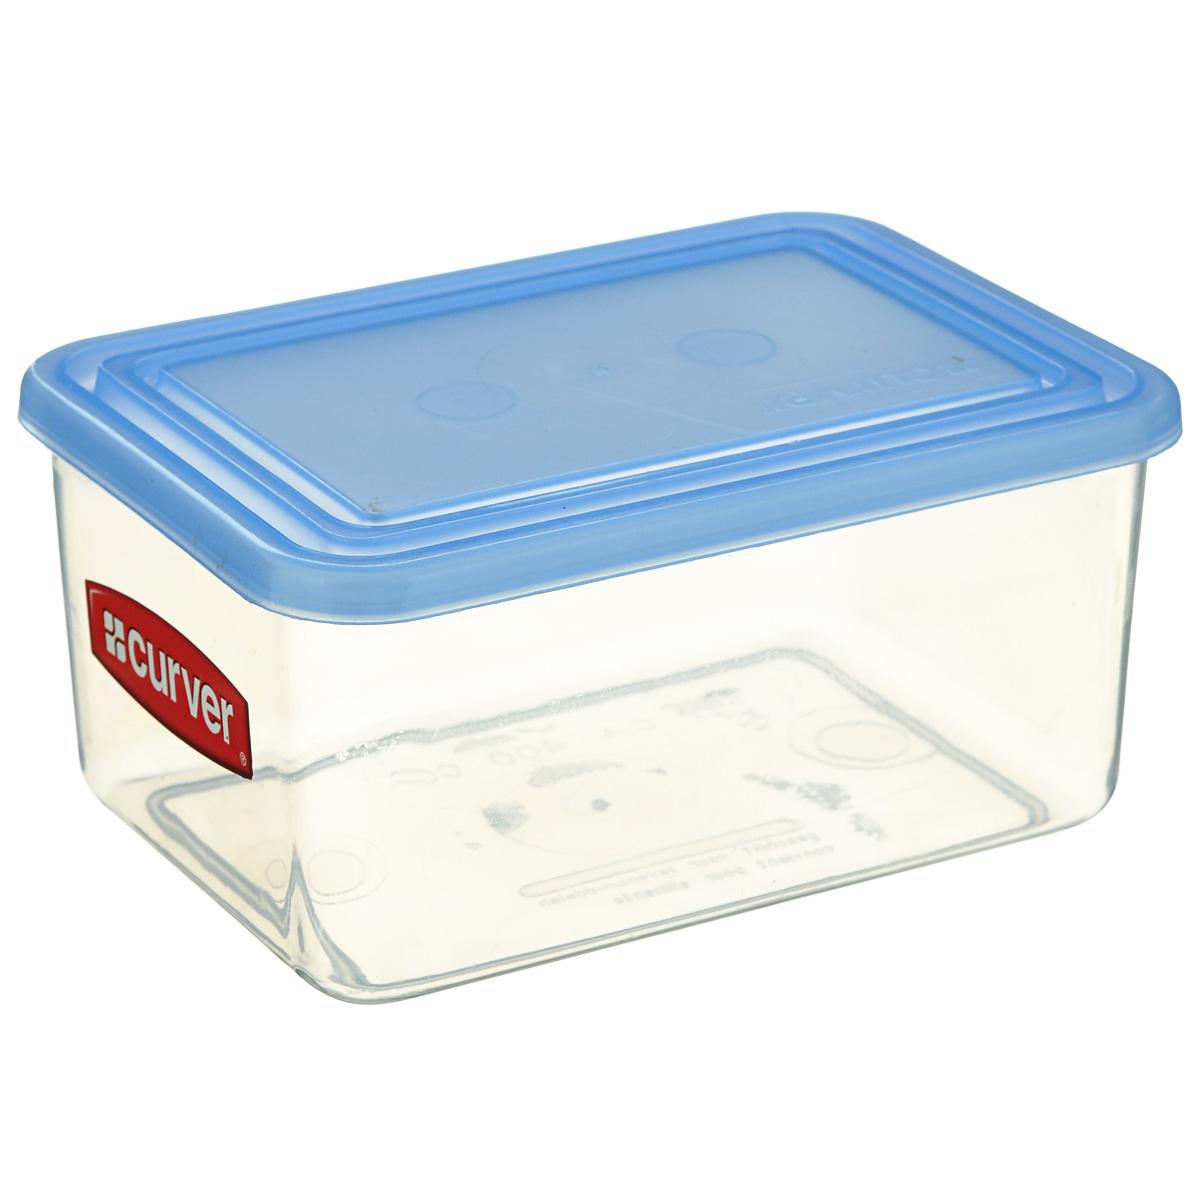 Емкость для заморозки и СВЧ Curver, цвет: голубой, 2 лVT-1520(SR)Емкость для заморозки и СВЧ Curver изготовлена из высококачественного пищевого пластика. Стенки емкости прозрачные, а крышка цветная. Она плотно закрывается, дольше сохраняя продукты свежими. Емкость удобно брать с собой на работу, учебу, пикник и дачу. Можно использовать в микроволновой печи и для заморозки в морозильной камере.